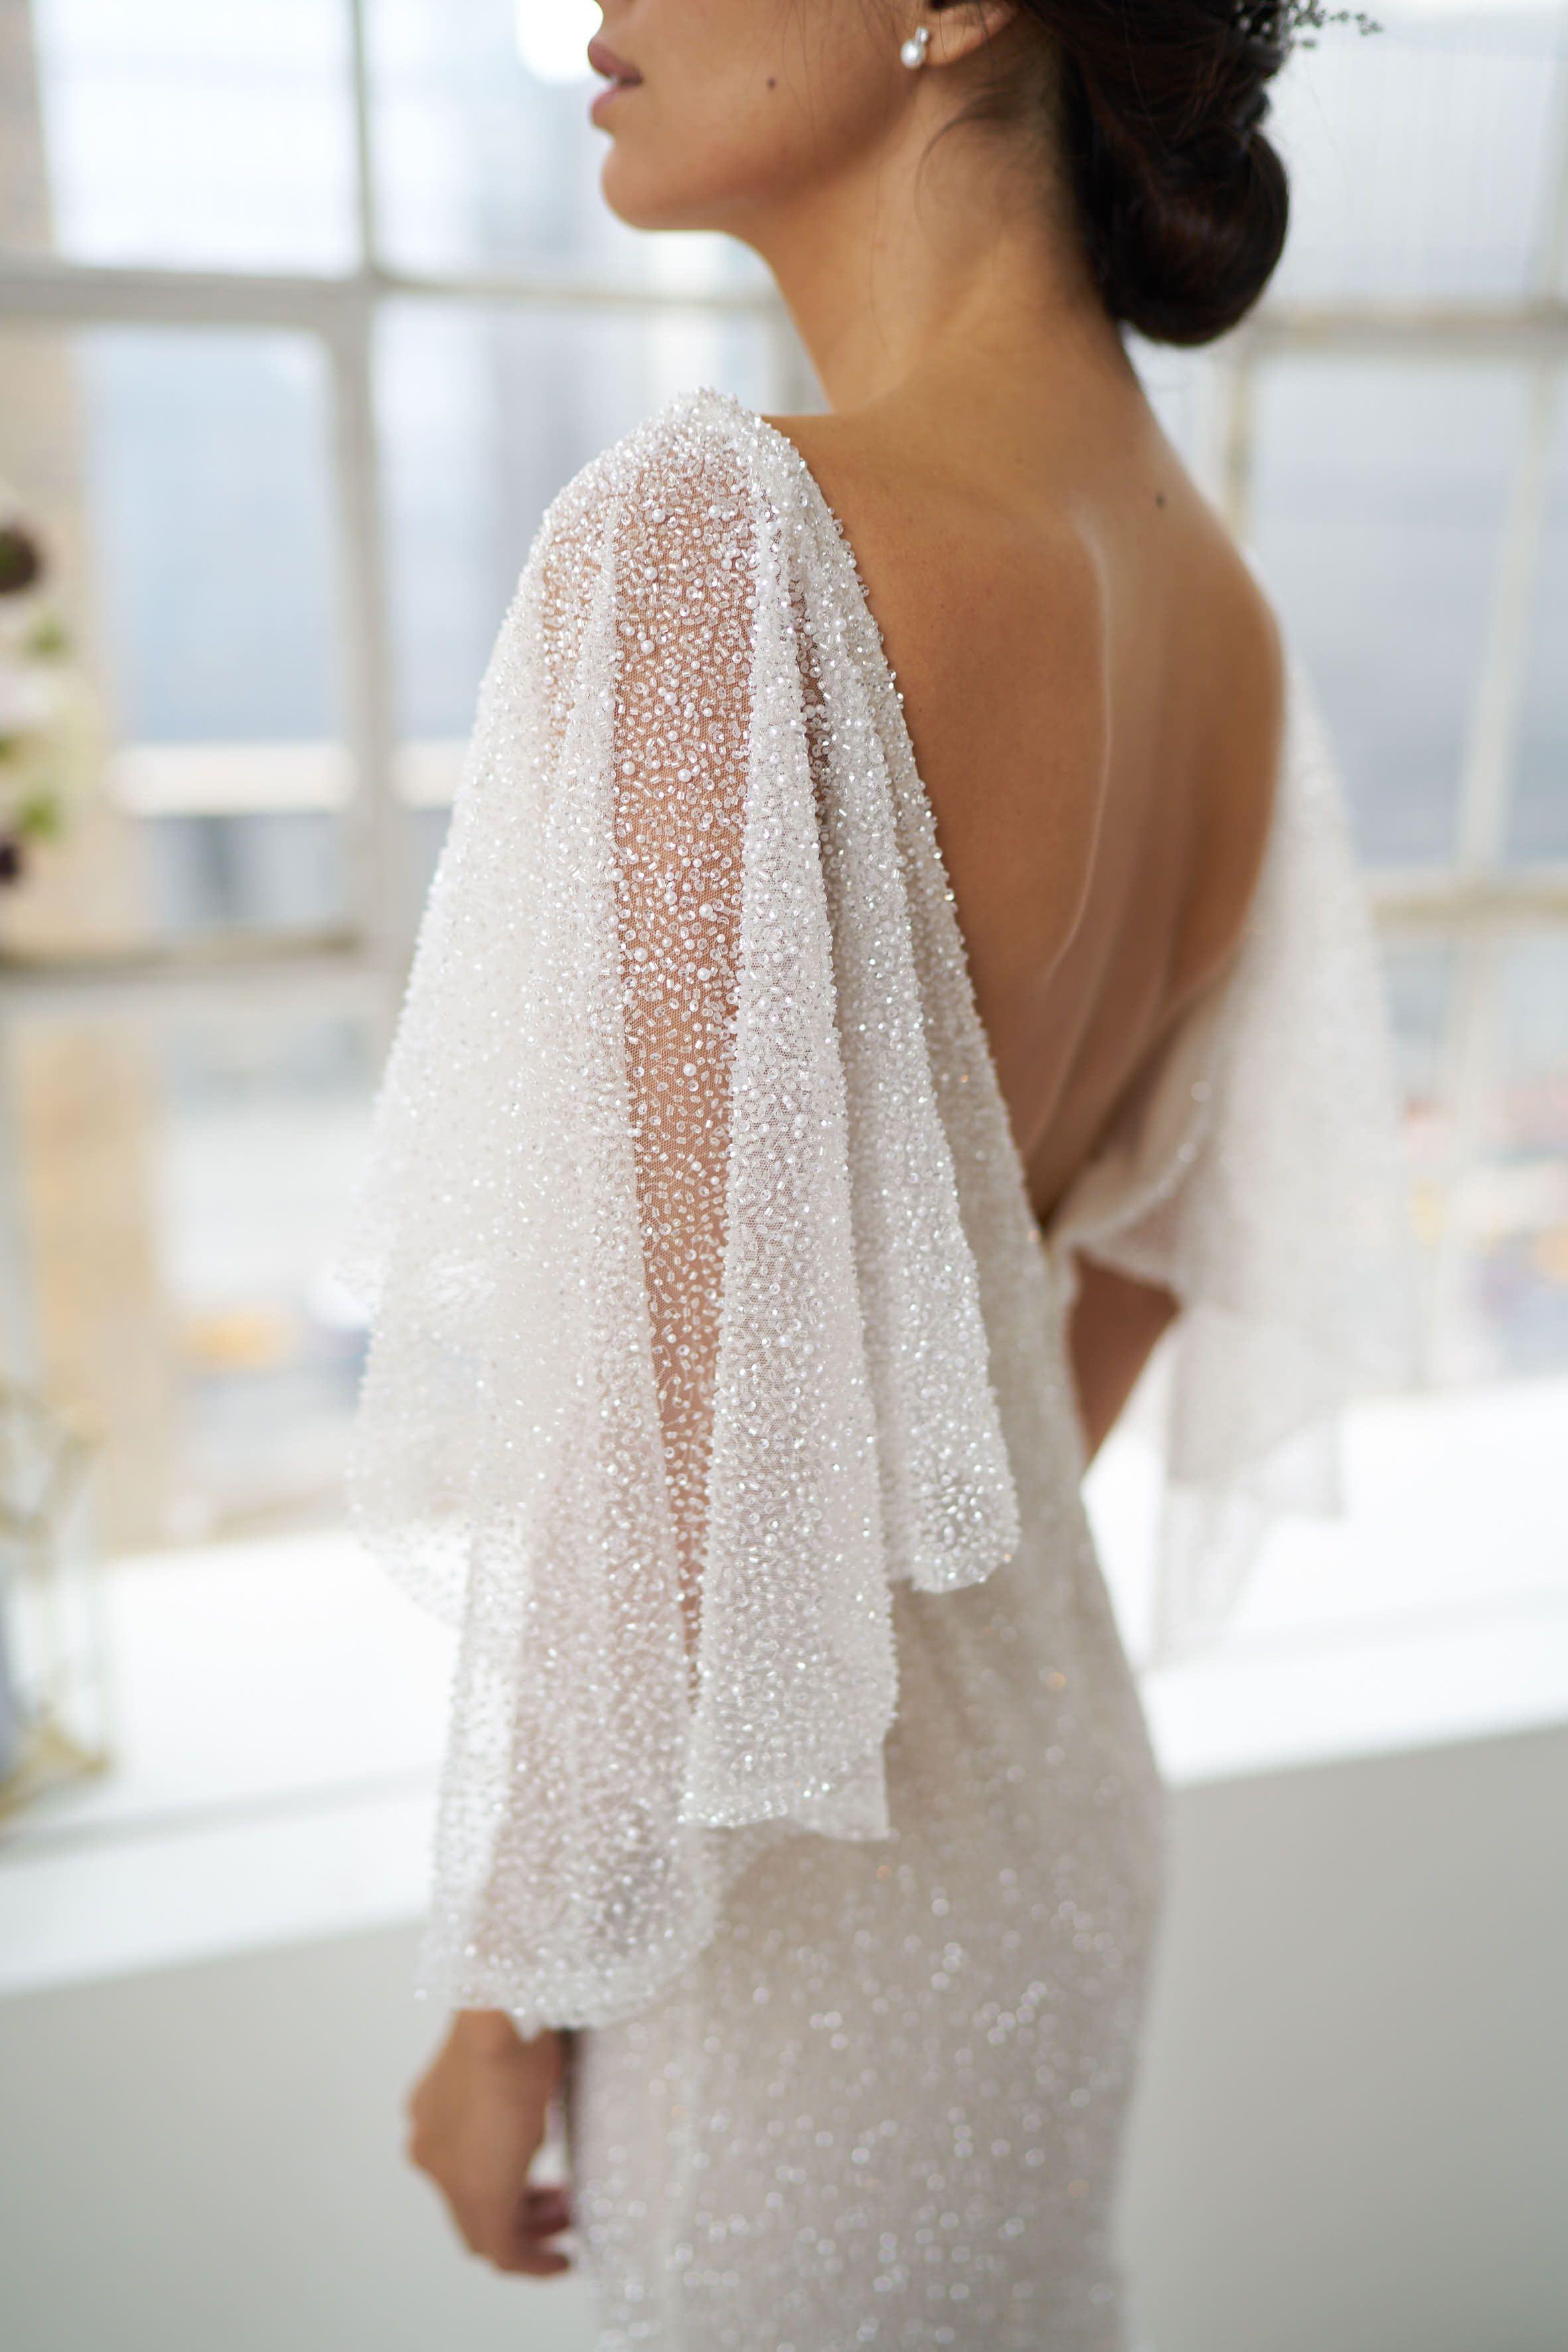 Abiti Da Sposa Wandas Dress.Anna Campbell Bridal Wanda Dress Nyc Bridal Week 2018 Abiti